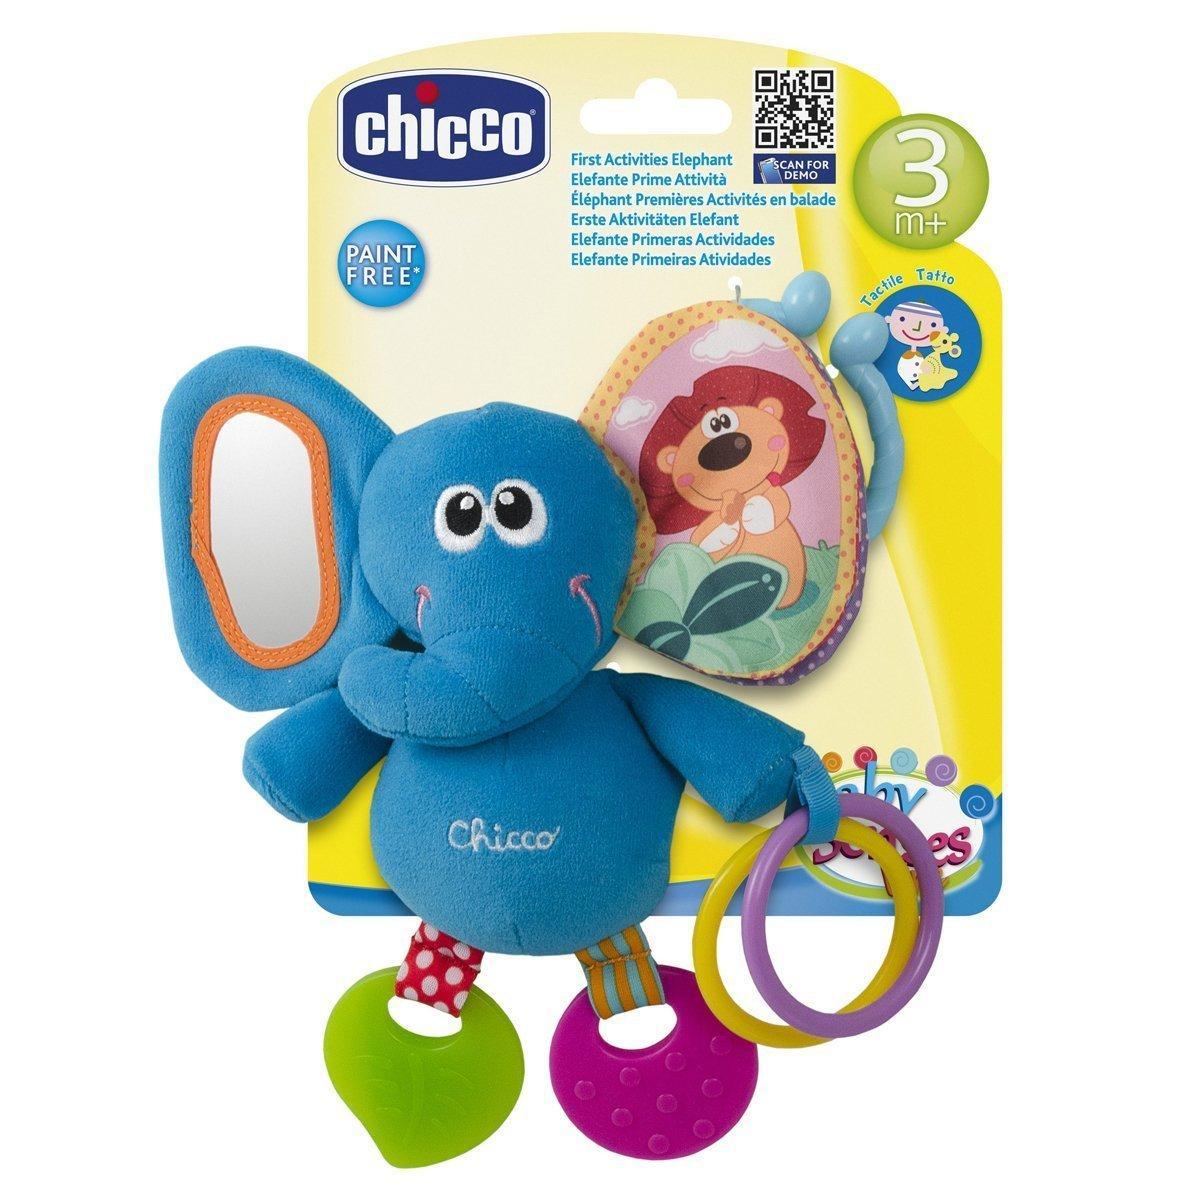 CHICCO ACTIVITY ELEPHANT 72375 ARTSANA CHICCO